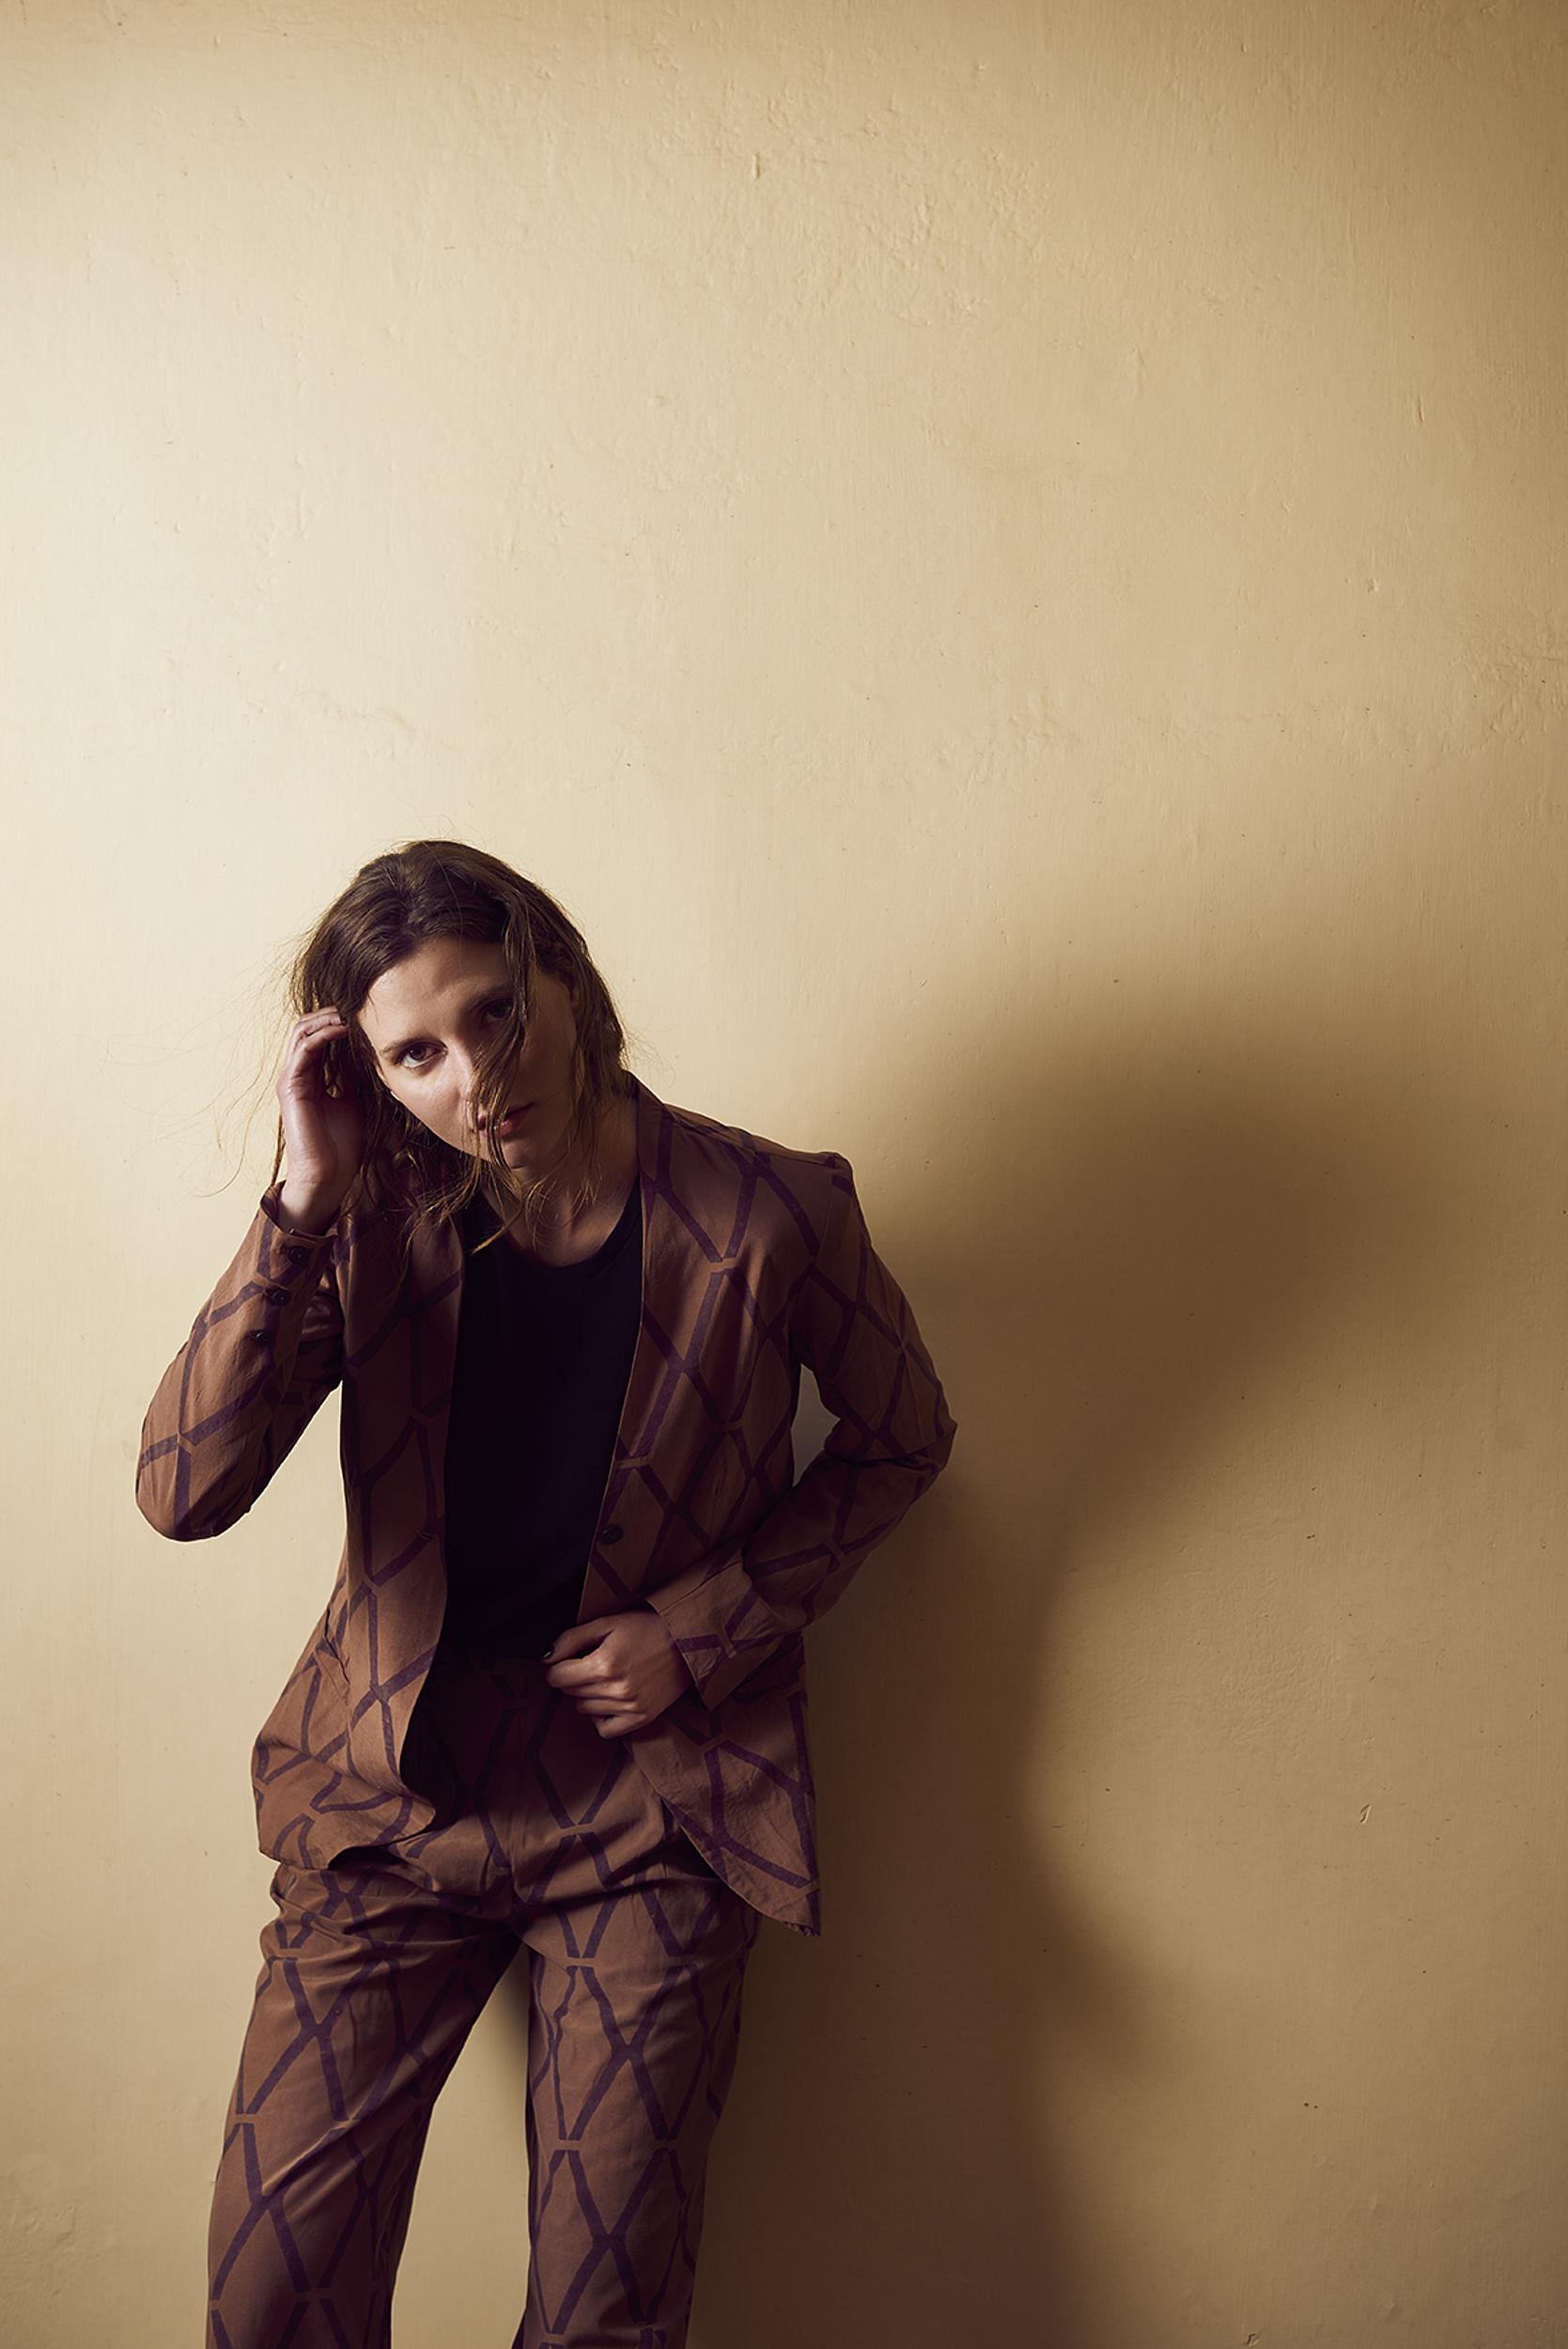 Josh John Photography : Fashion